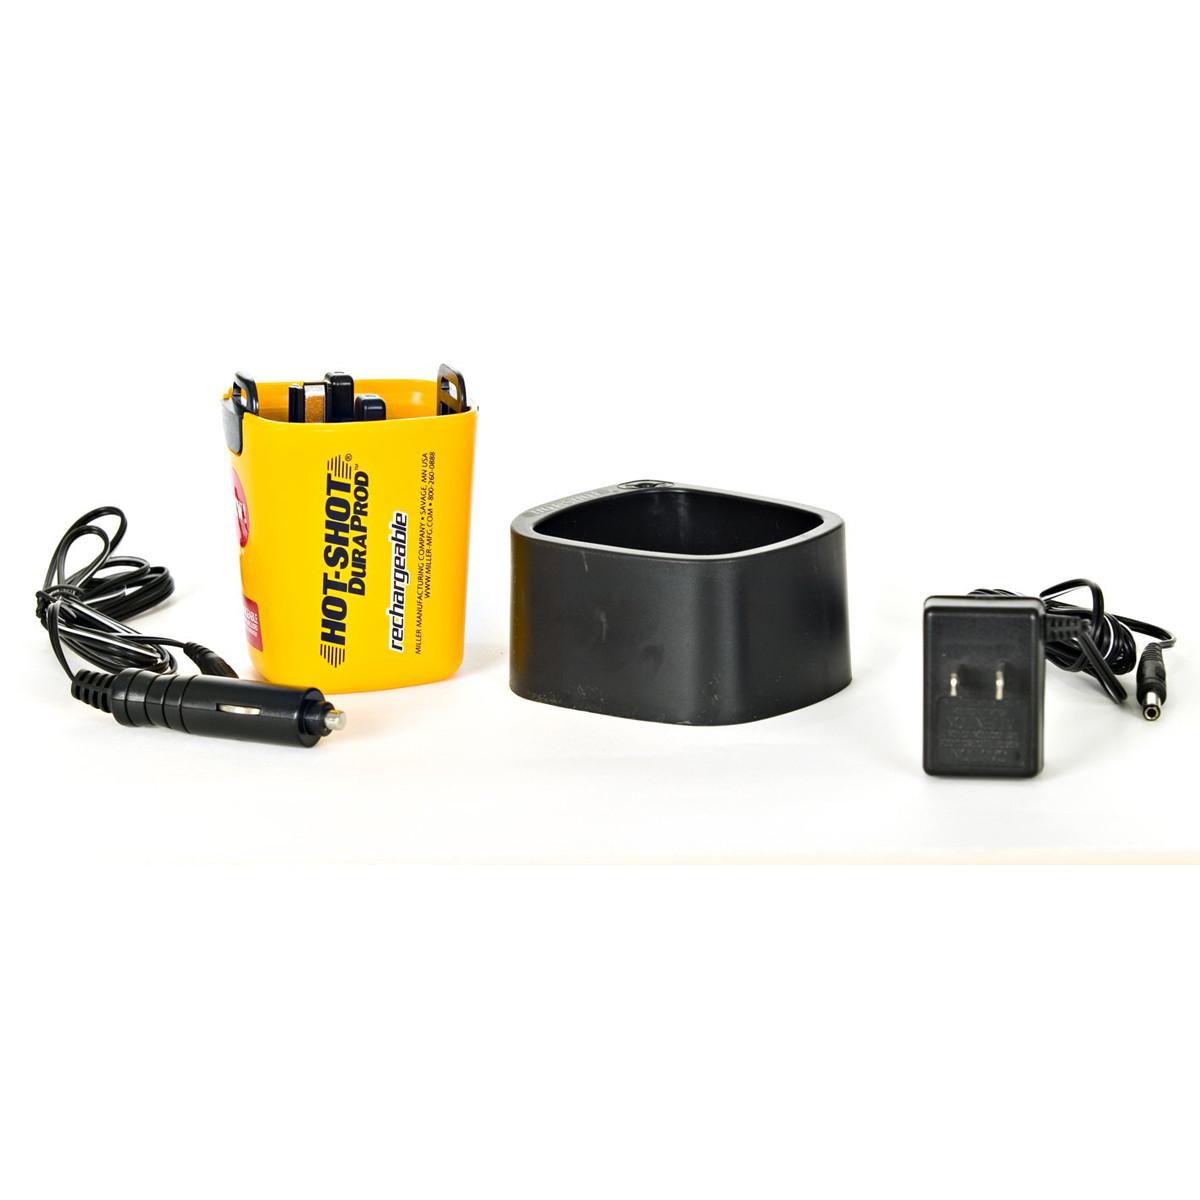 DuraProd Recharging Kit